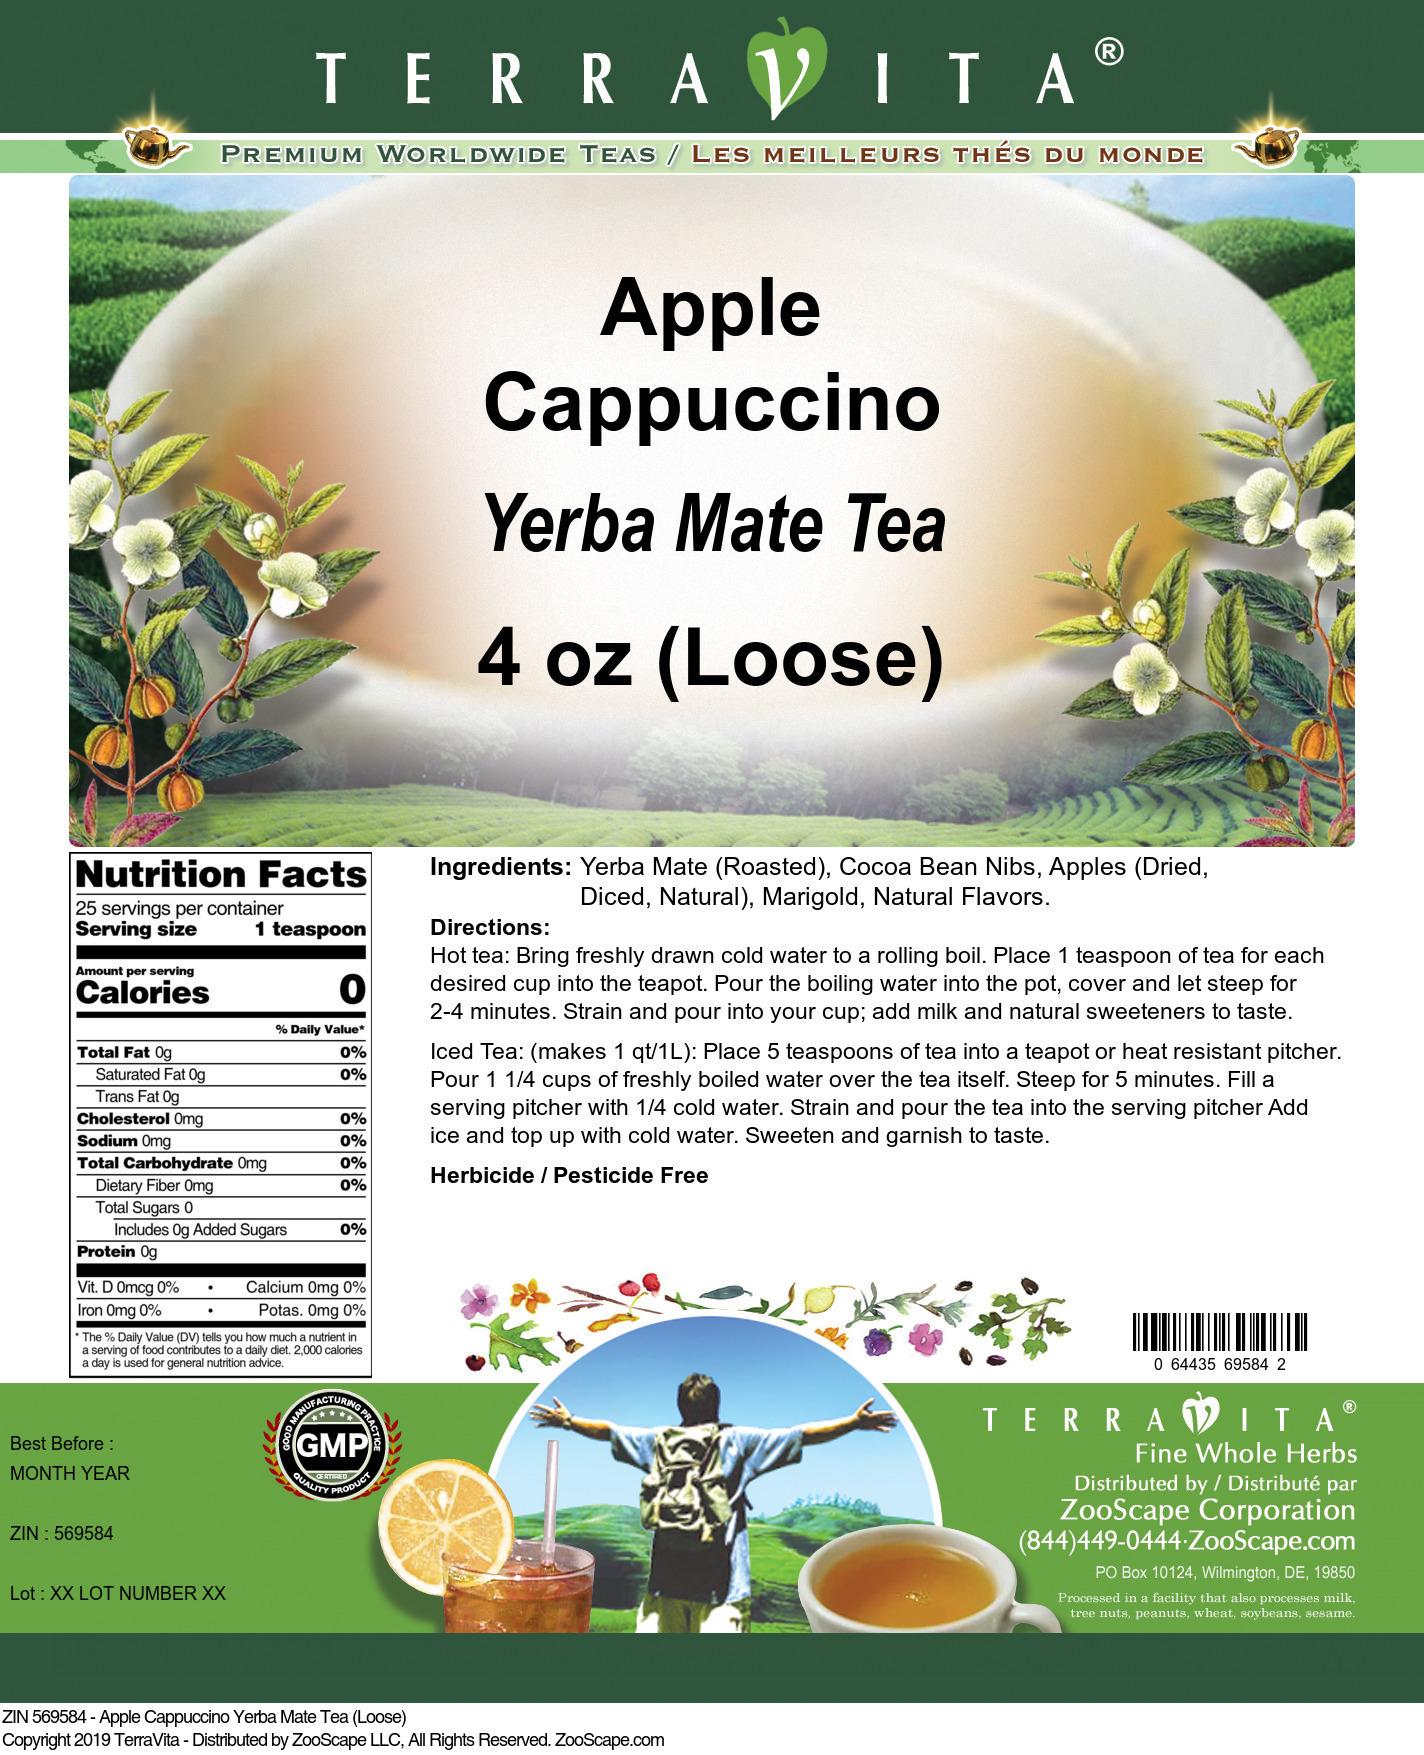 Apple Cappuccino Yerba Mate Tea (Loose)